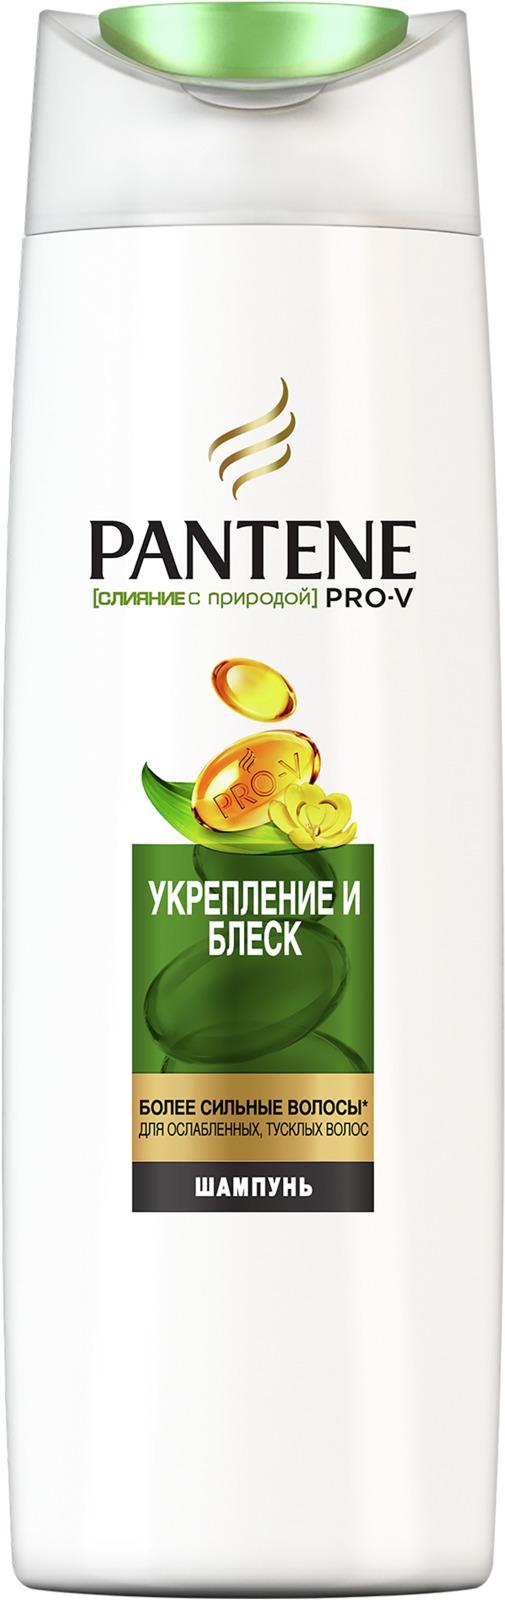 Шампунь Pantene Pro-V Слияние с природой. Укрепление и блеск, 400 мл